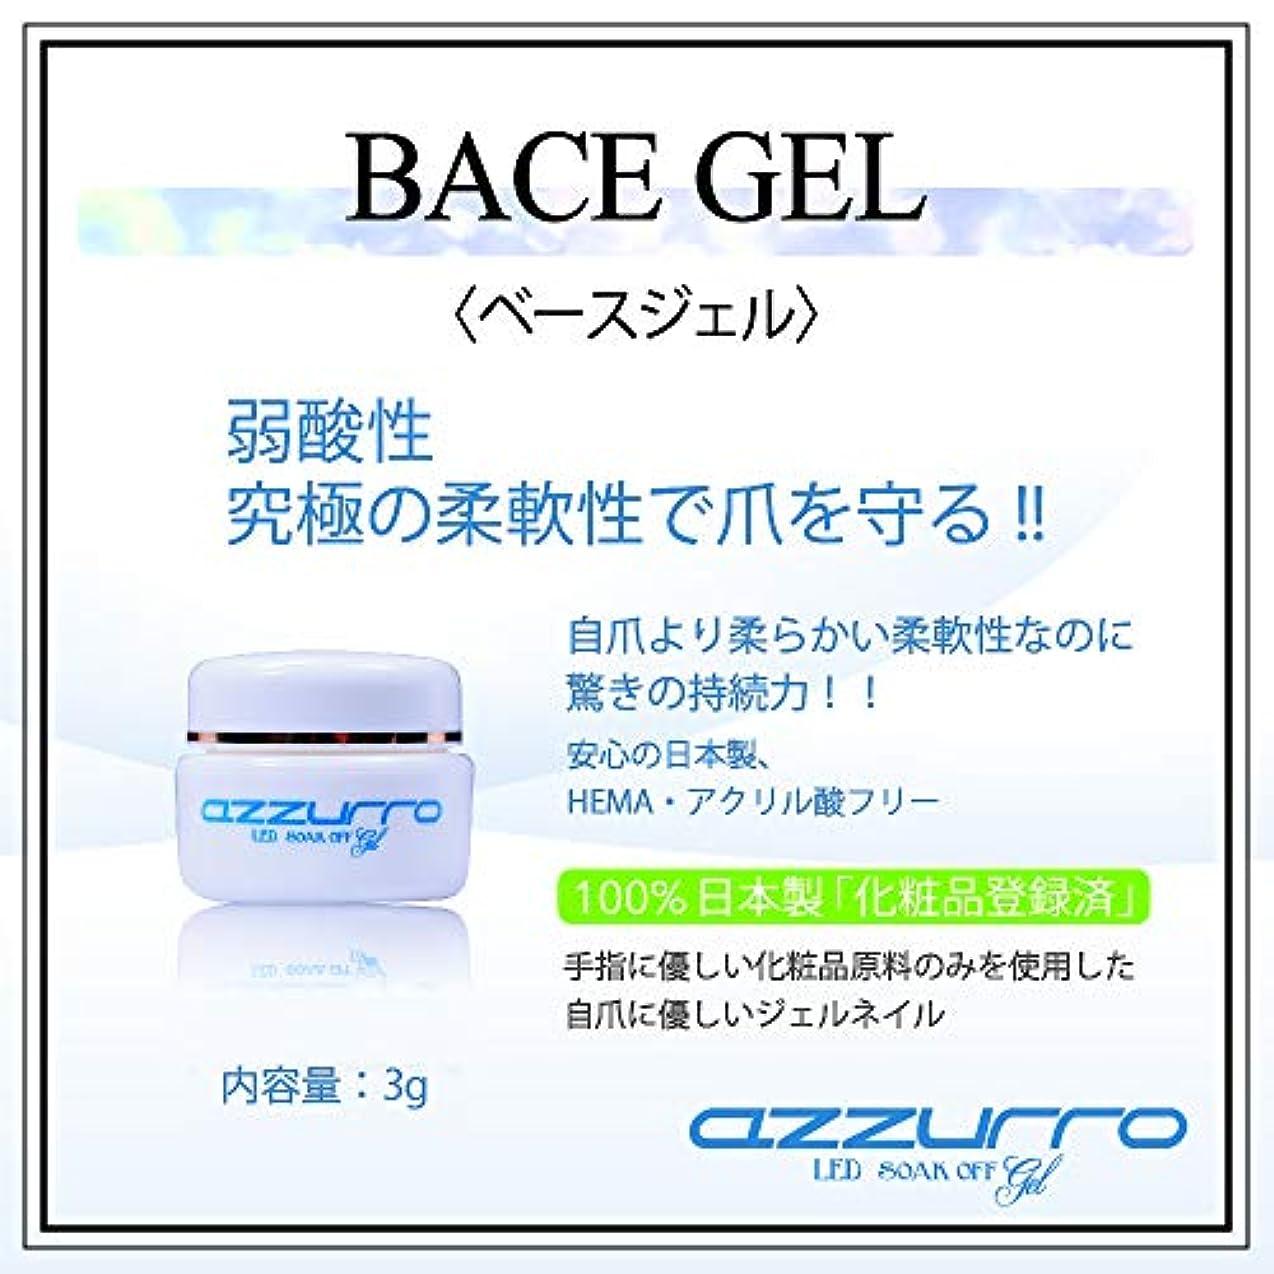 しかしながらシネマ付与azzurro gel アッズーロ ベースジェル 日本製 驚きの密着力 リムーバーでオフも簡単3g